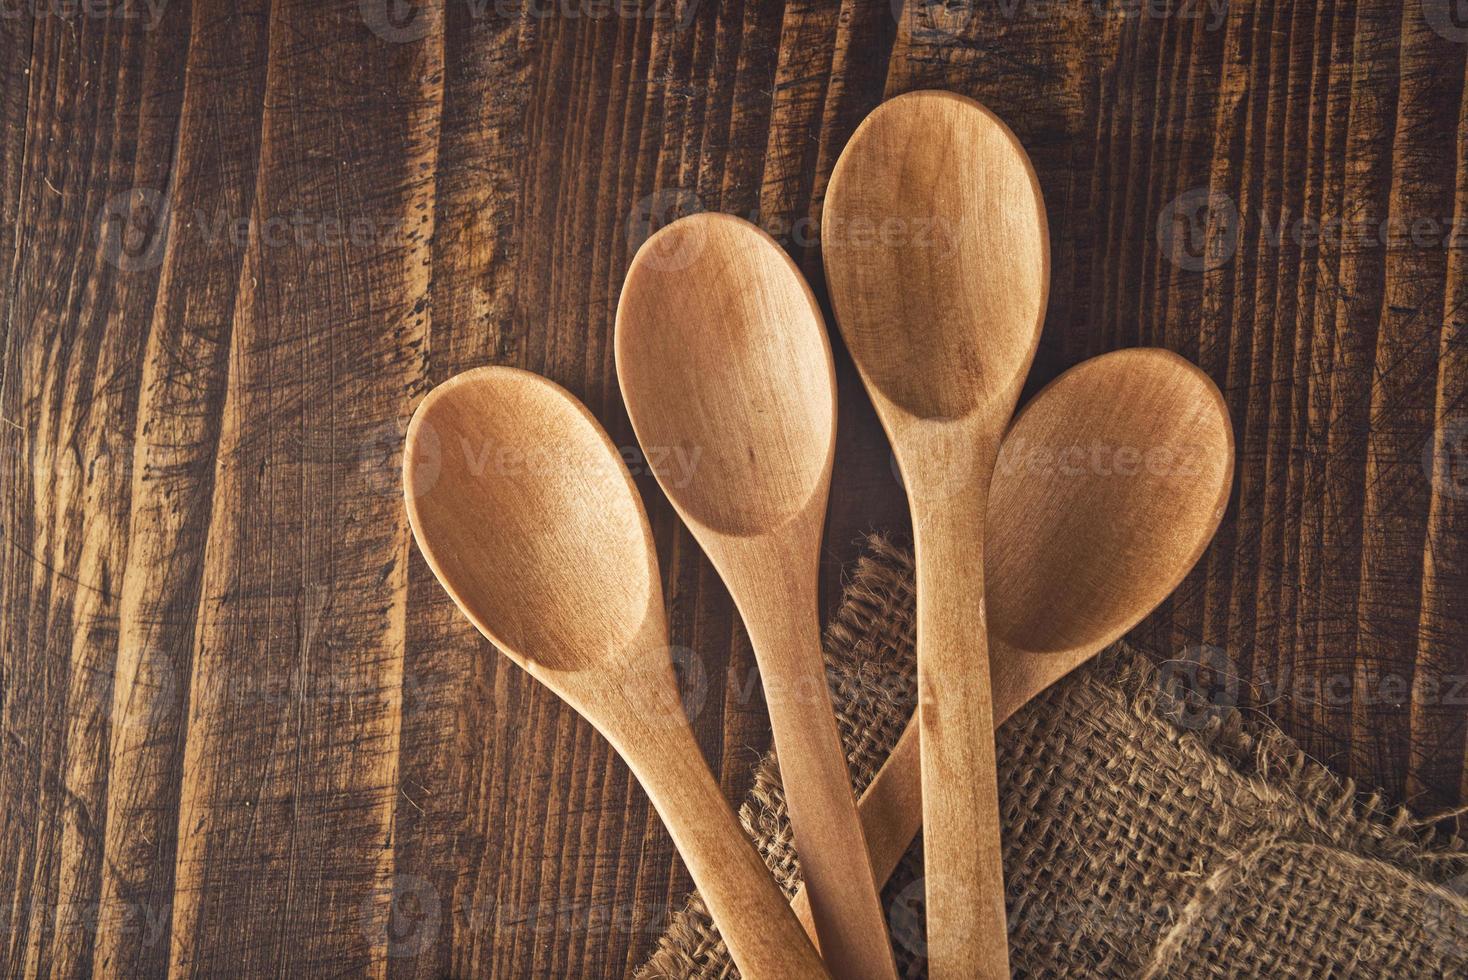 houten lepels foto